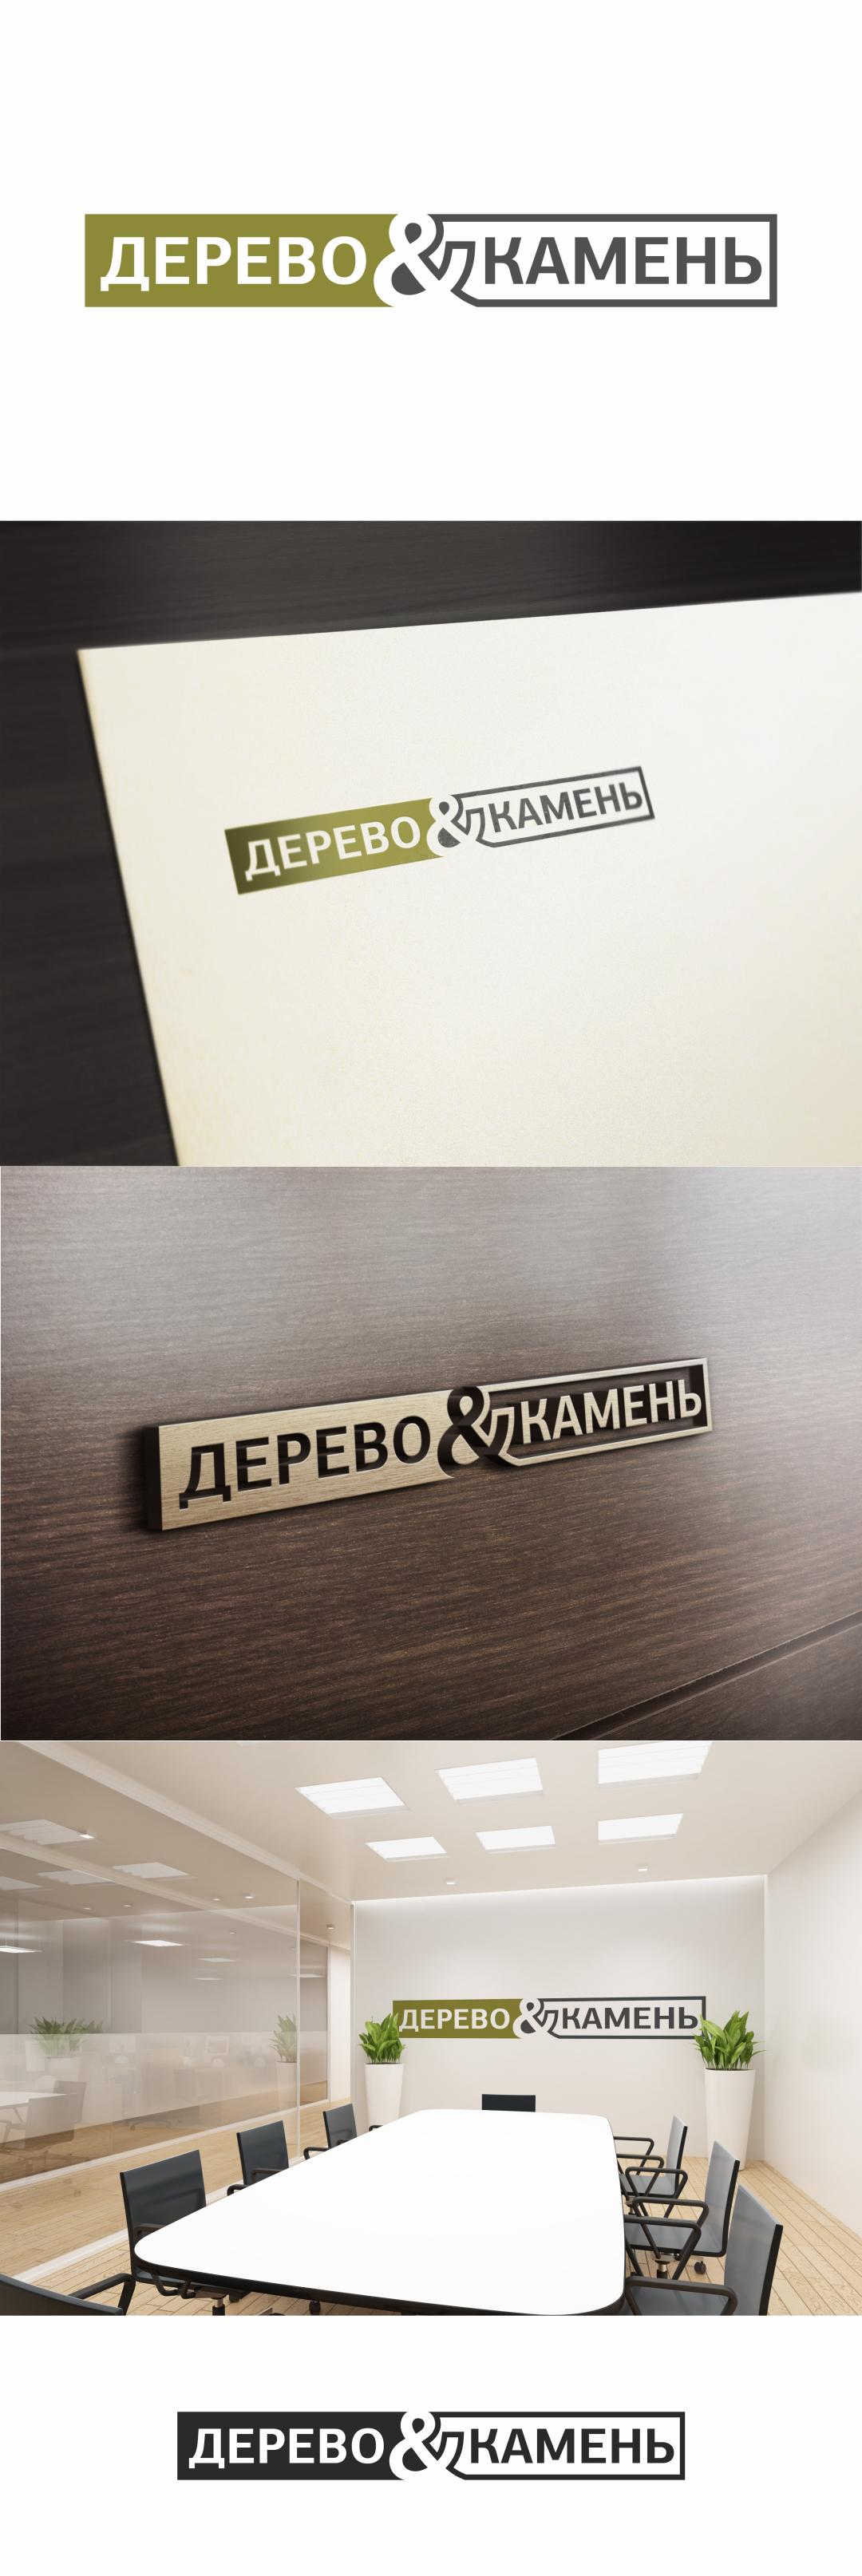 Логотип и Фирменный стиль фото f_62354b2ce0f6c22a.jpg